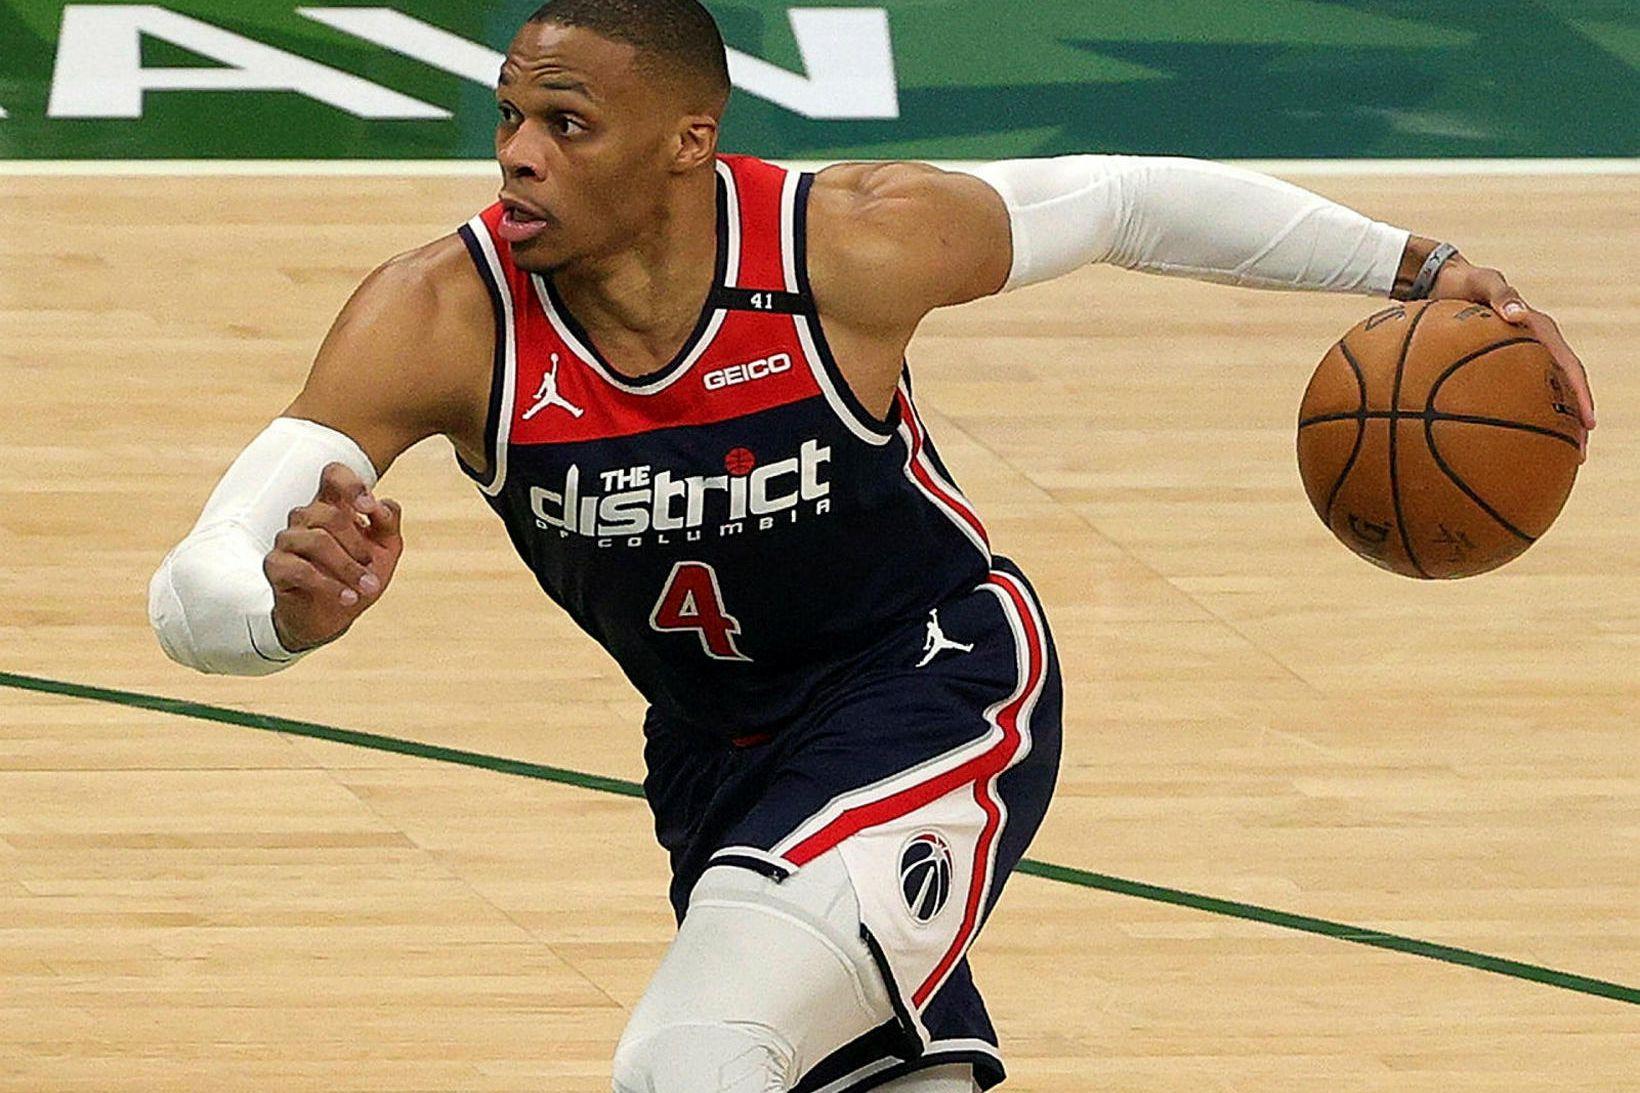 Russell Westbrook heldur áfram að skrá sig í sögubækur NBA-deildarinnar.